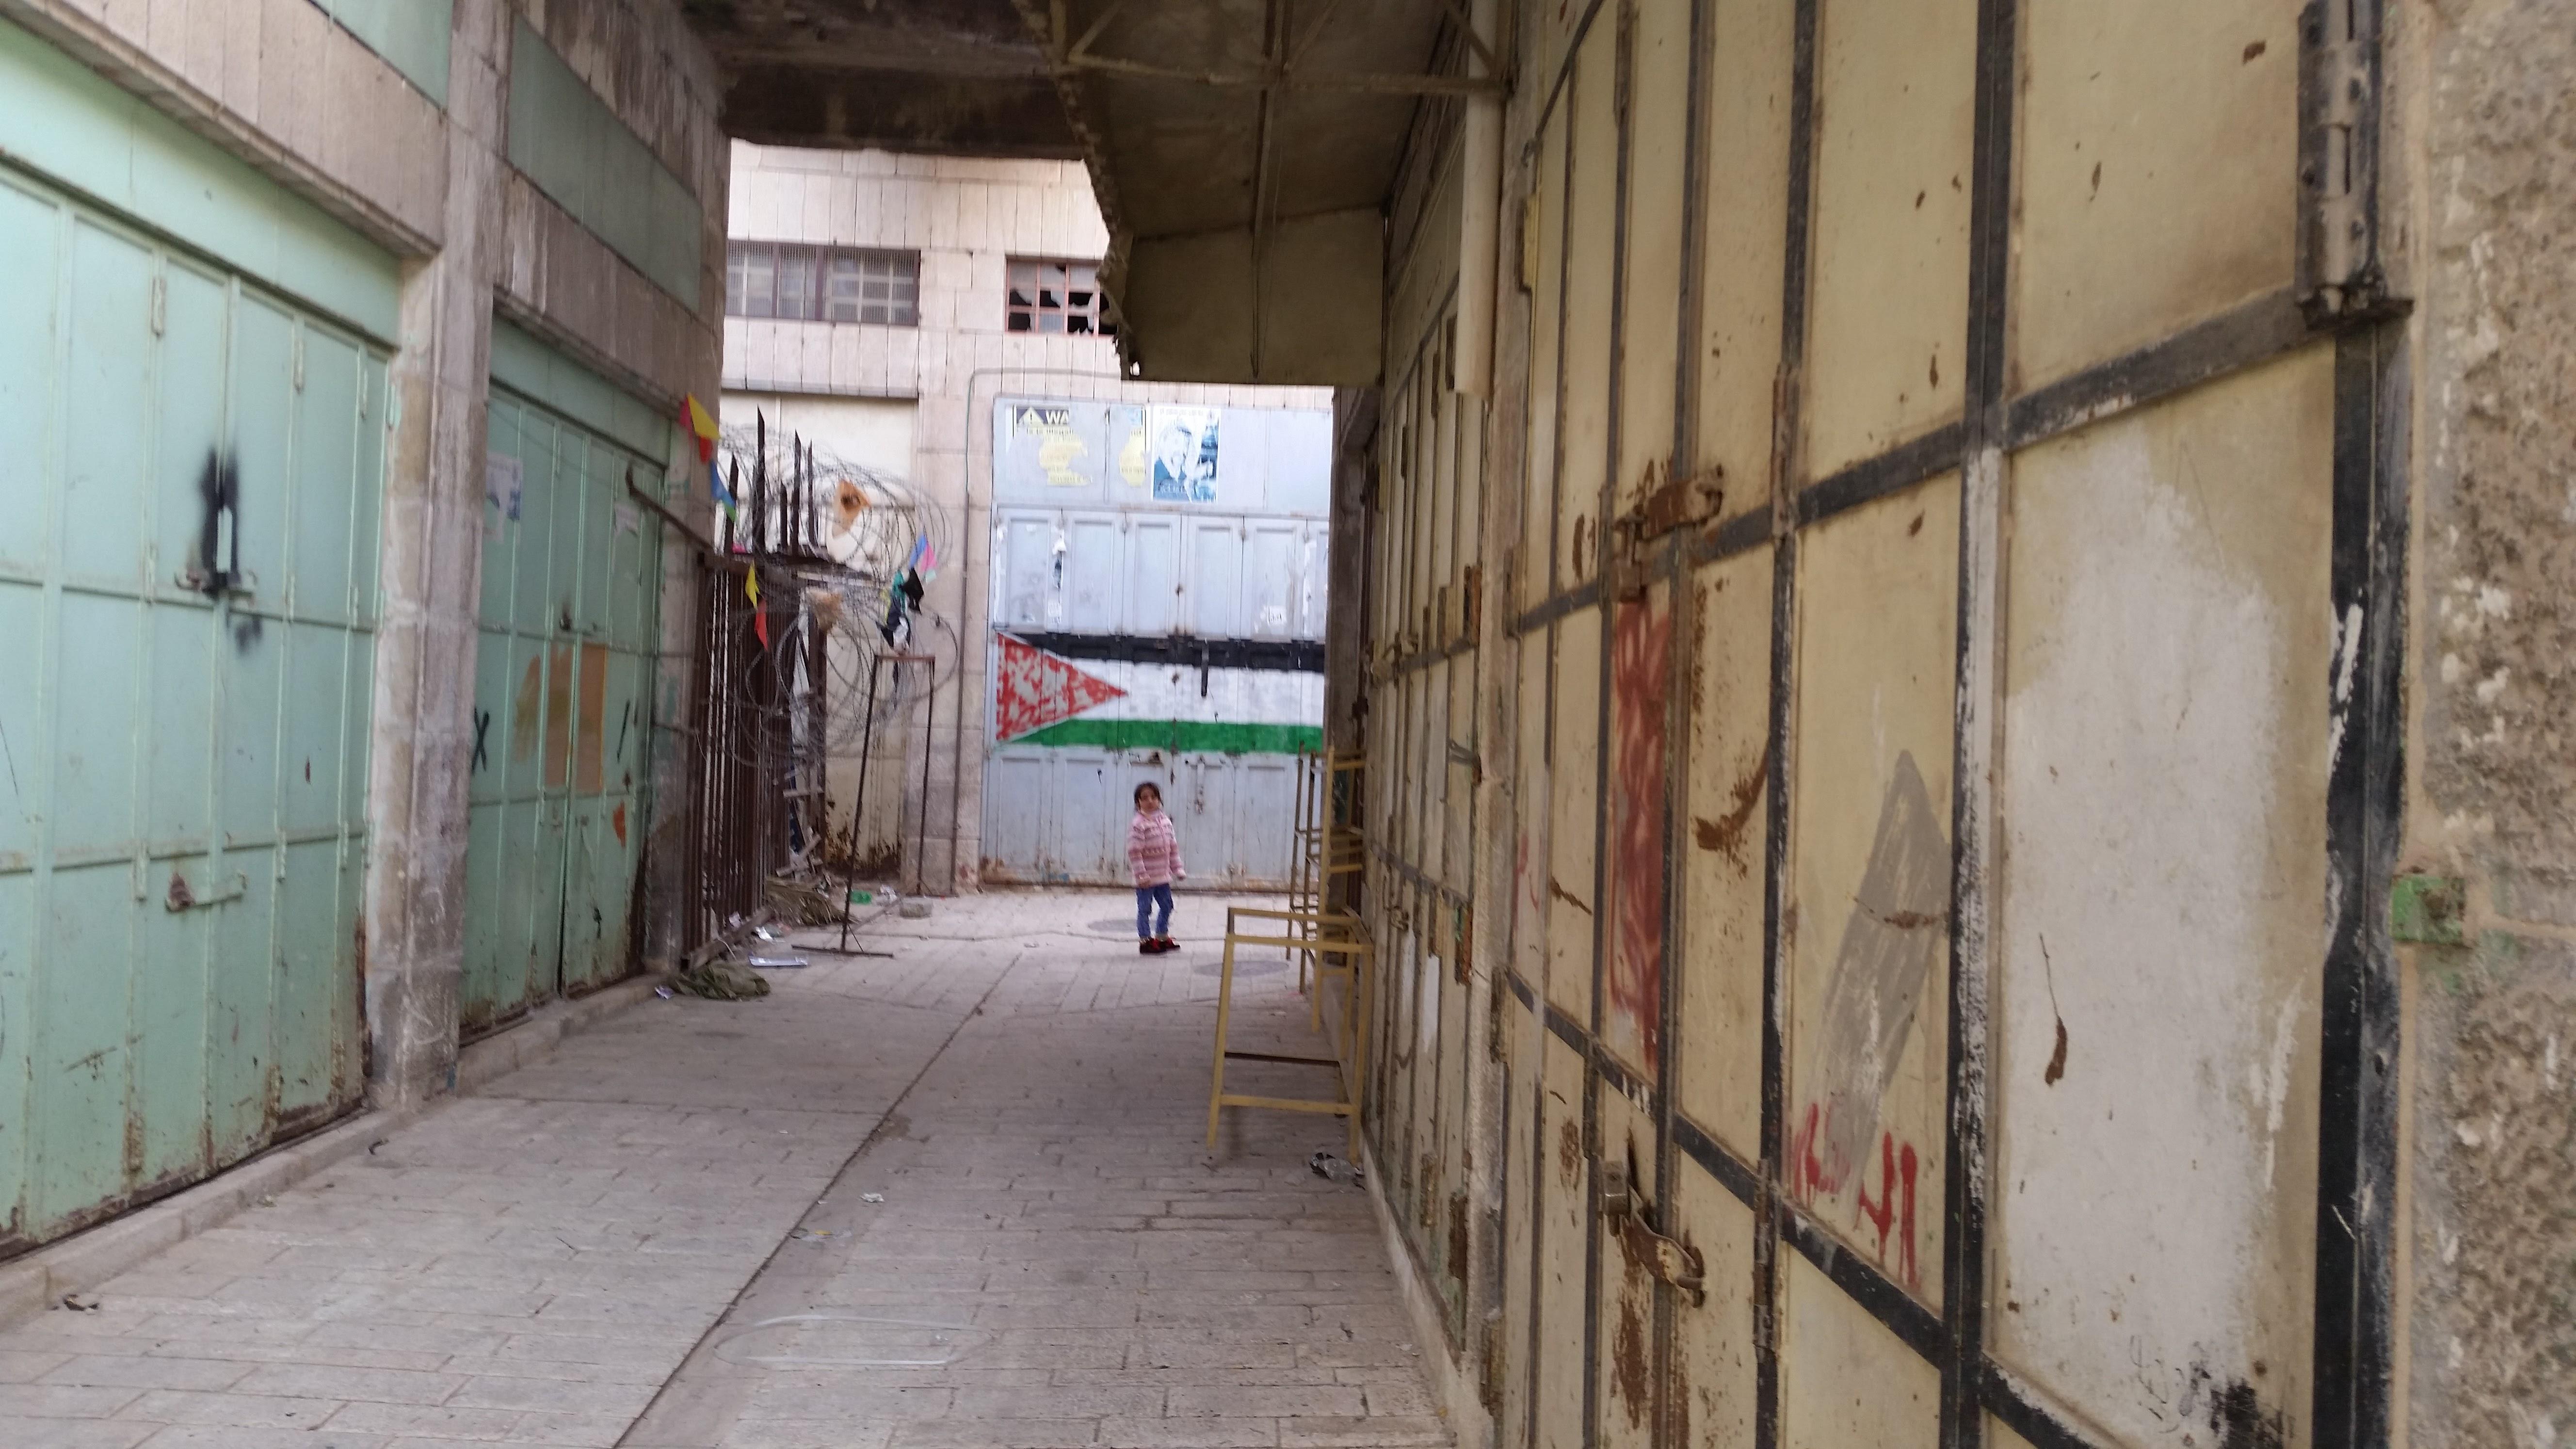 Bezárt üzletek a régi piac negyedben, Hebronban, a palesztinok által lakott területen.